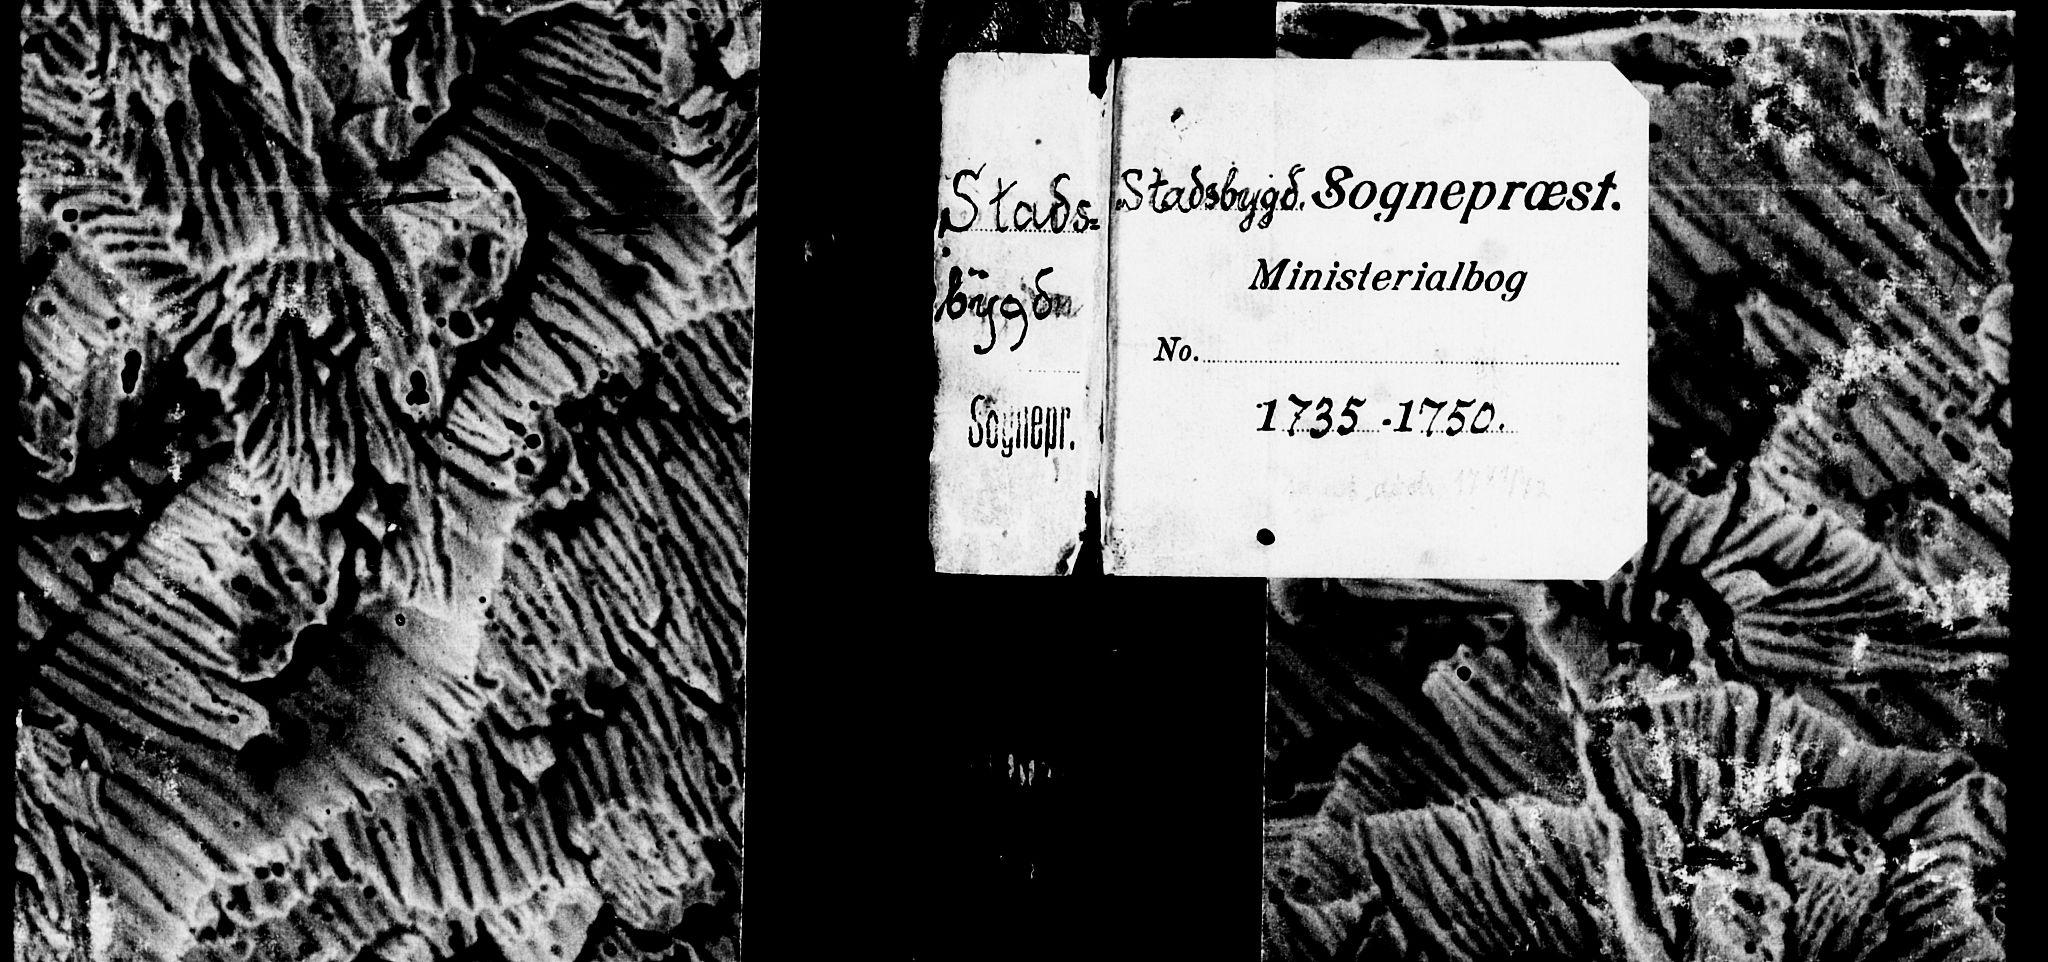 SAT, Ministerialprotokoller, klokkerbøker og fødselsregistre - Sør-Trøndelag, 646/L0604: Ministerialbok nr. 646A02, 1735-1750